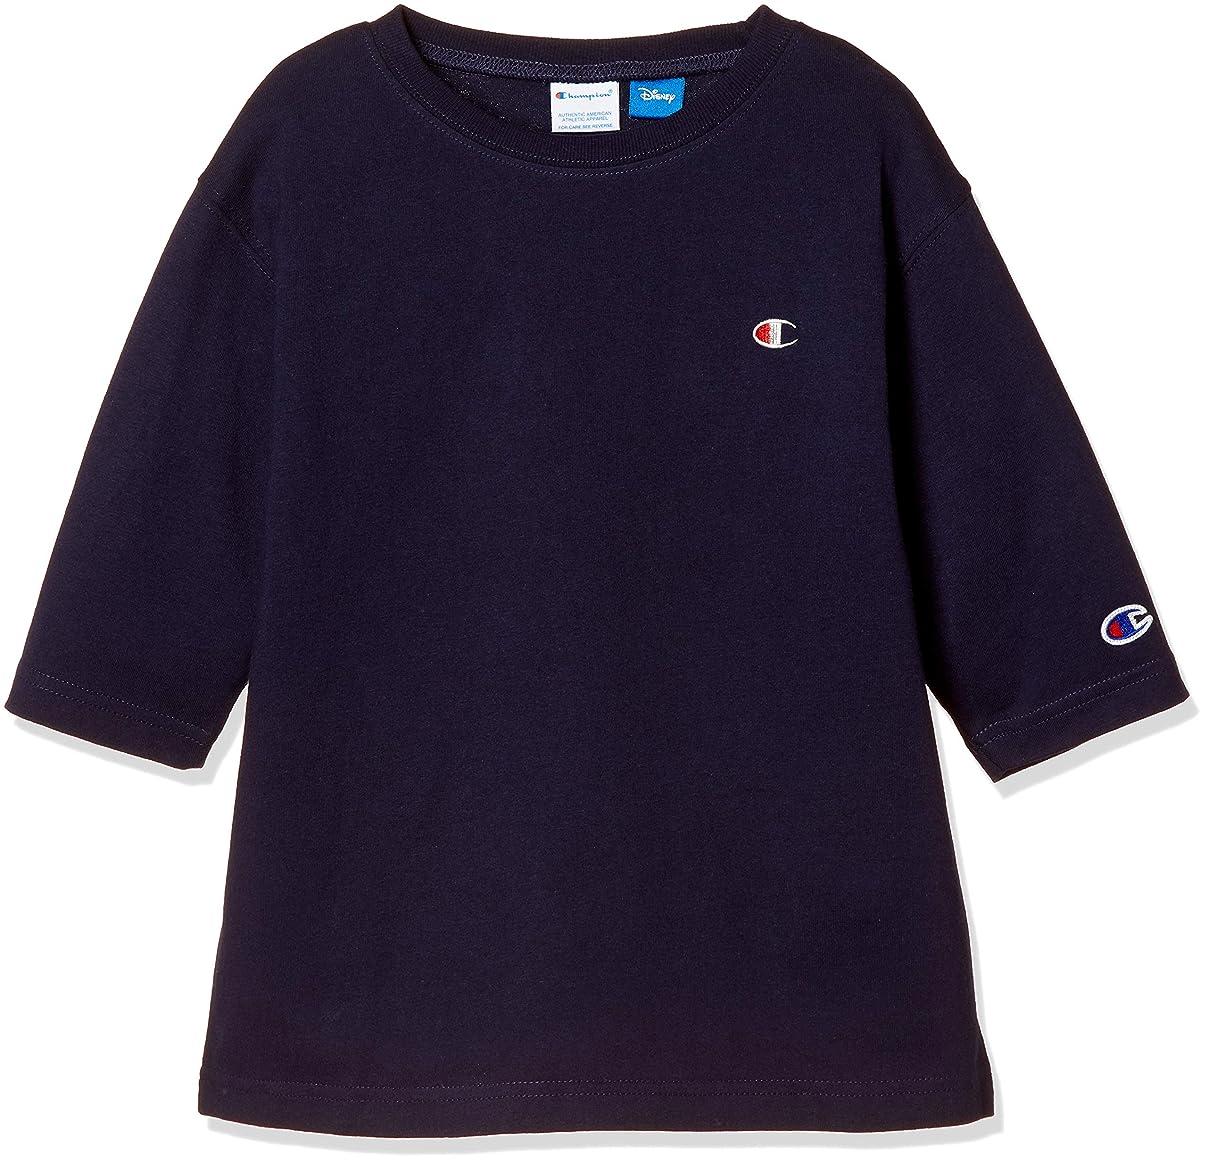 レンダリング瞬時に保守可能[チャンピオン] 7分袖ゆったりTシャツ